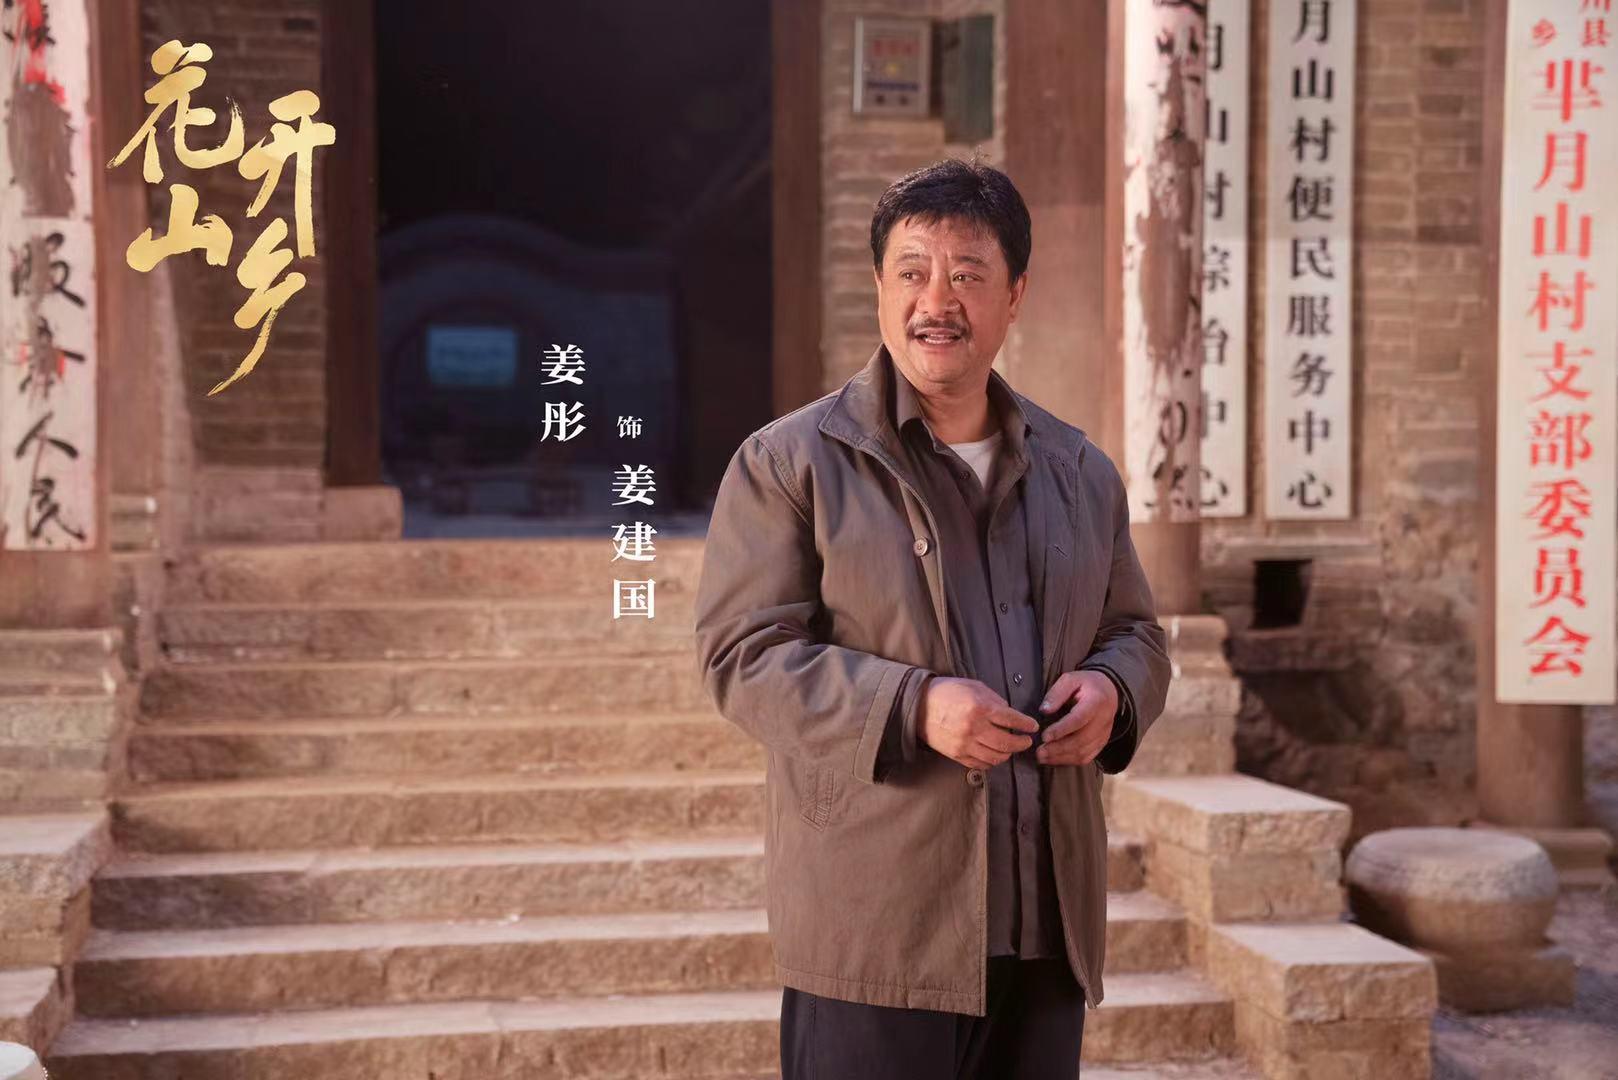 《花开山乡》收官 实力派演员姜彤演技精湛获好评